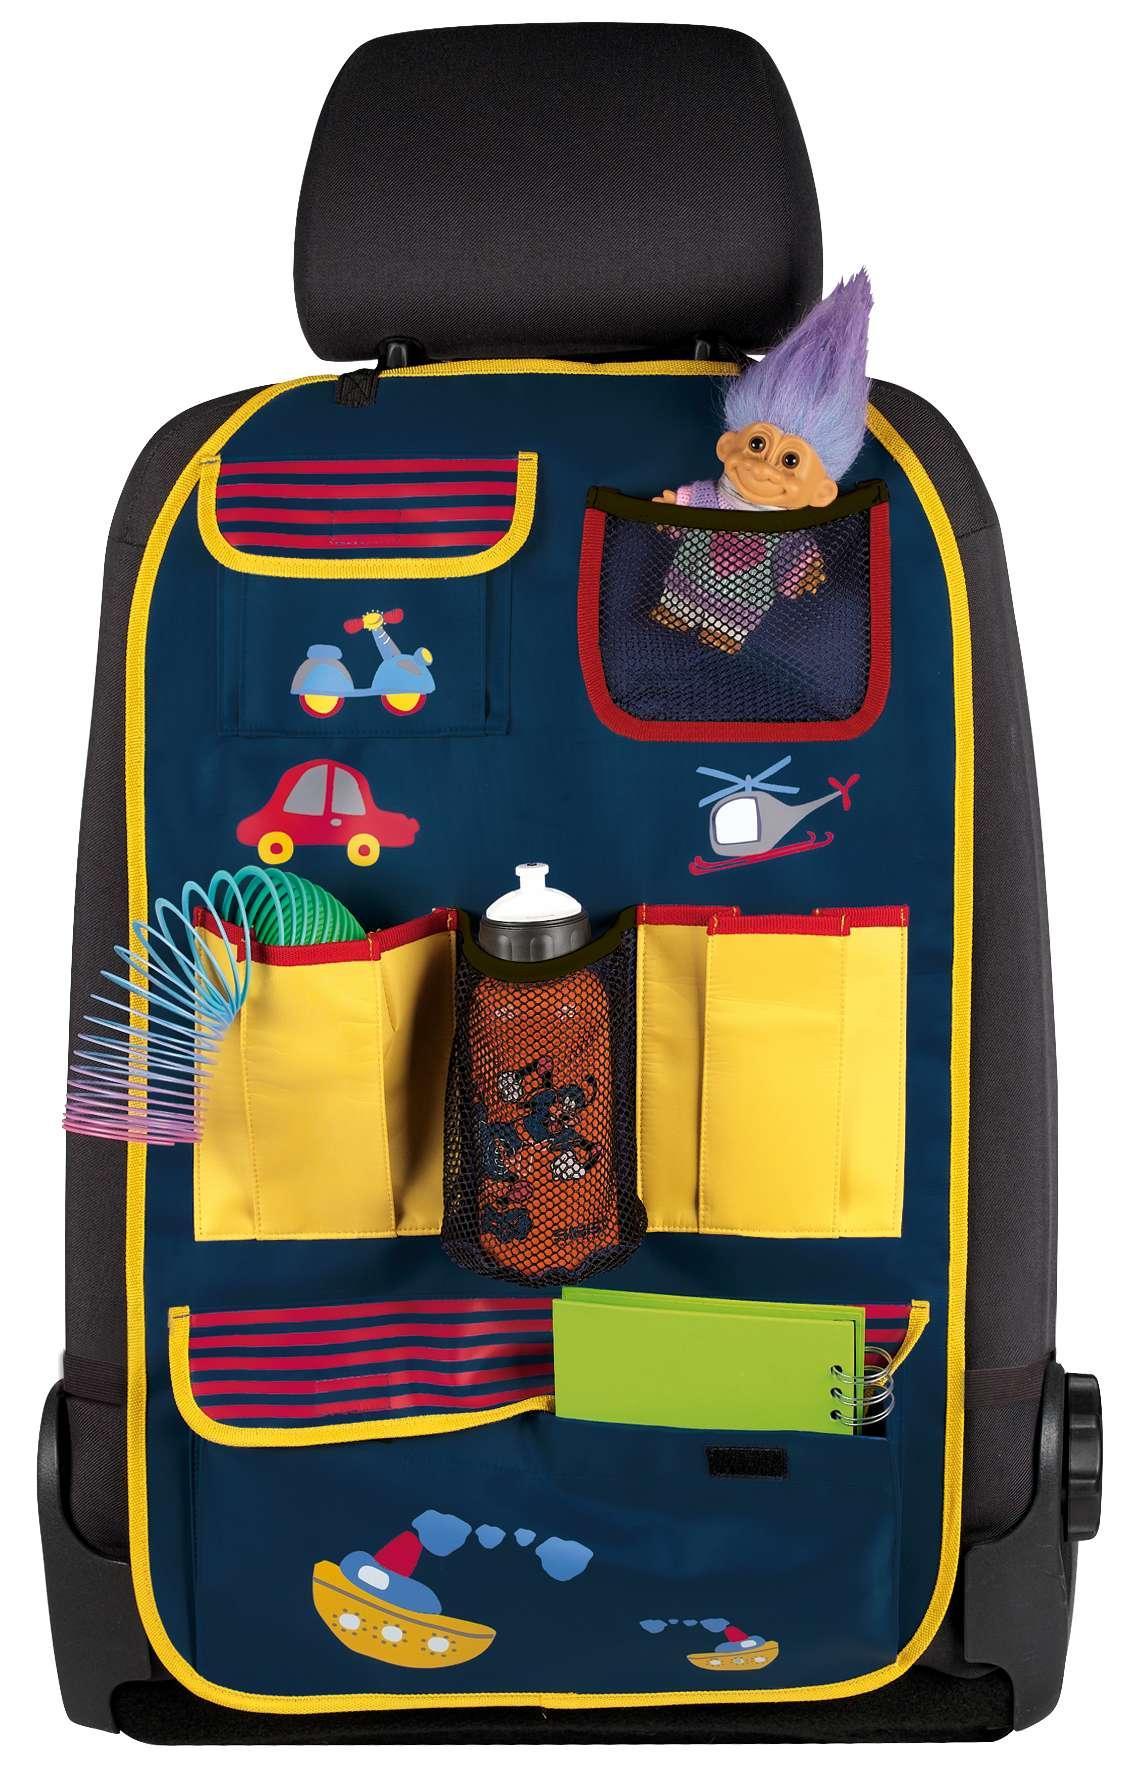 Rücksitz-Organizer 30145 WALSER 30145 in Original Qualität